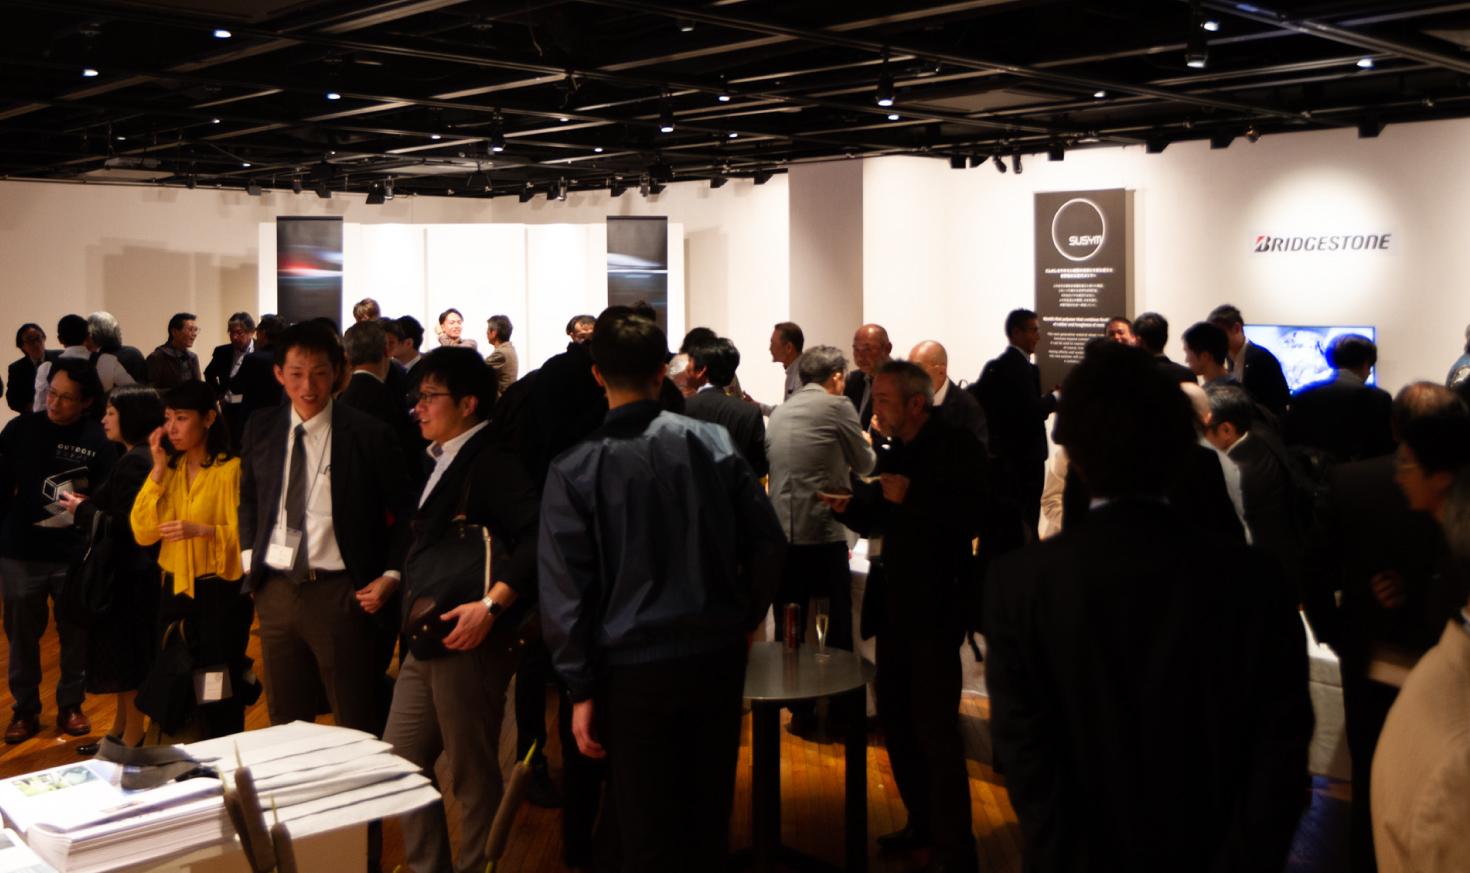 世界中のカーデザイナーが集まる、2年に1度のお楽しみ  「ADN Tokyo 2019 」をレポート